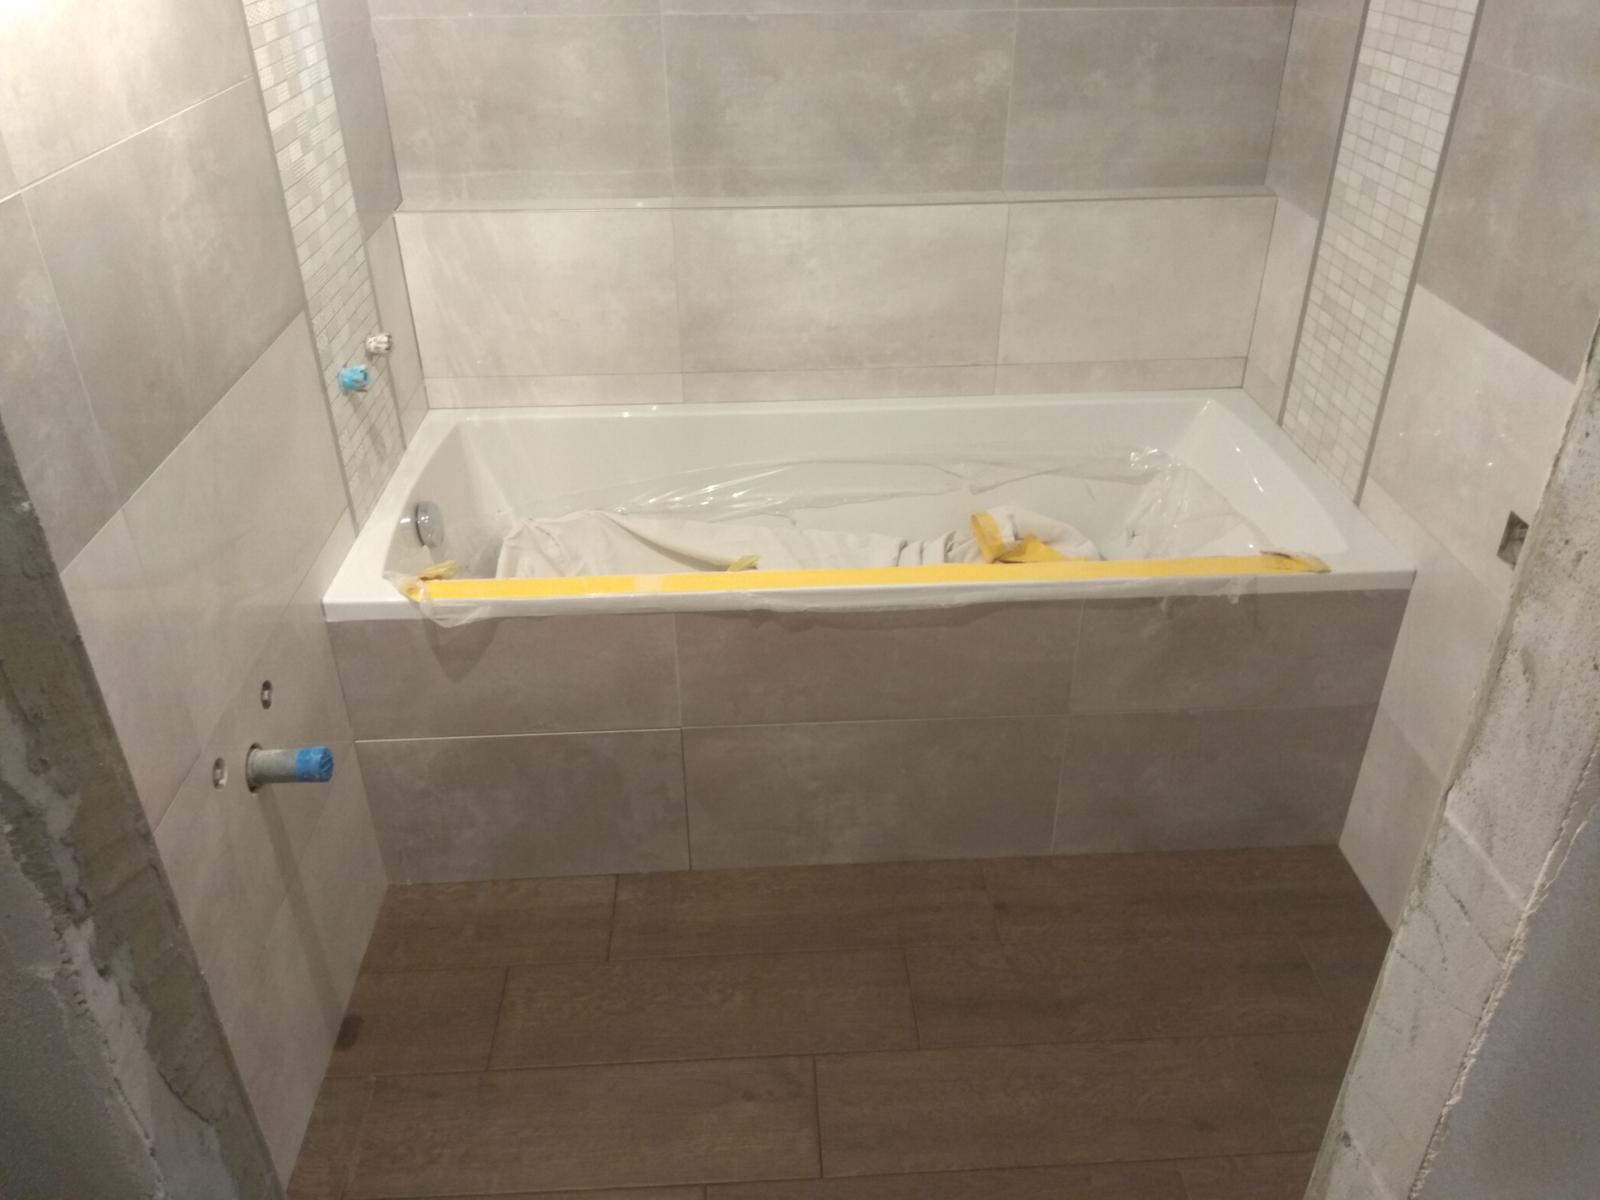 Prerábka panelákovej kúpelne a wc - Santech One 160x72,5 obdĺžniková nízka vaňa